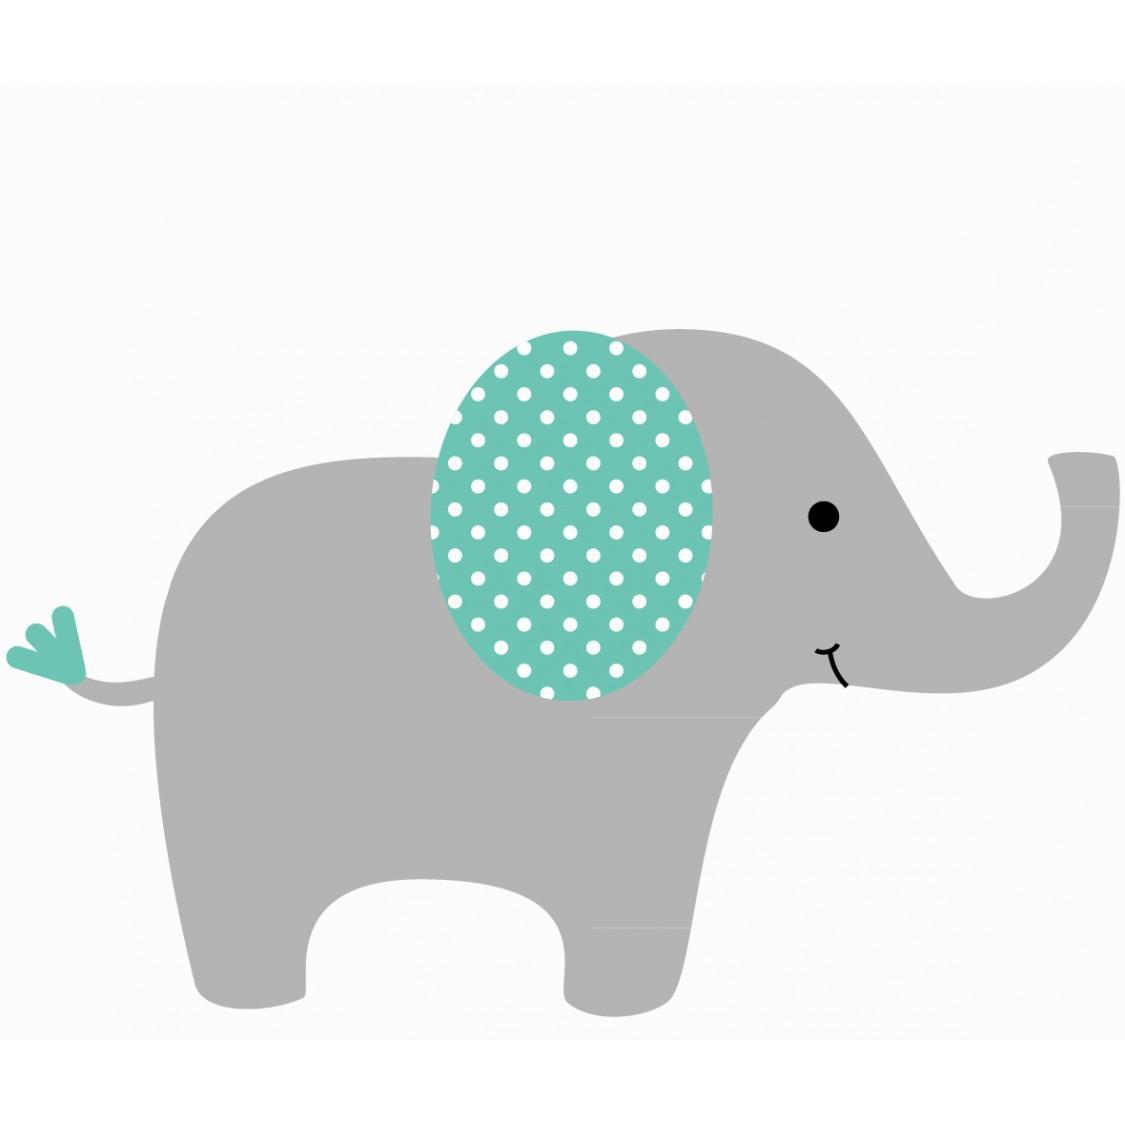 1125x1125 Simple Elephant Clipart